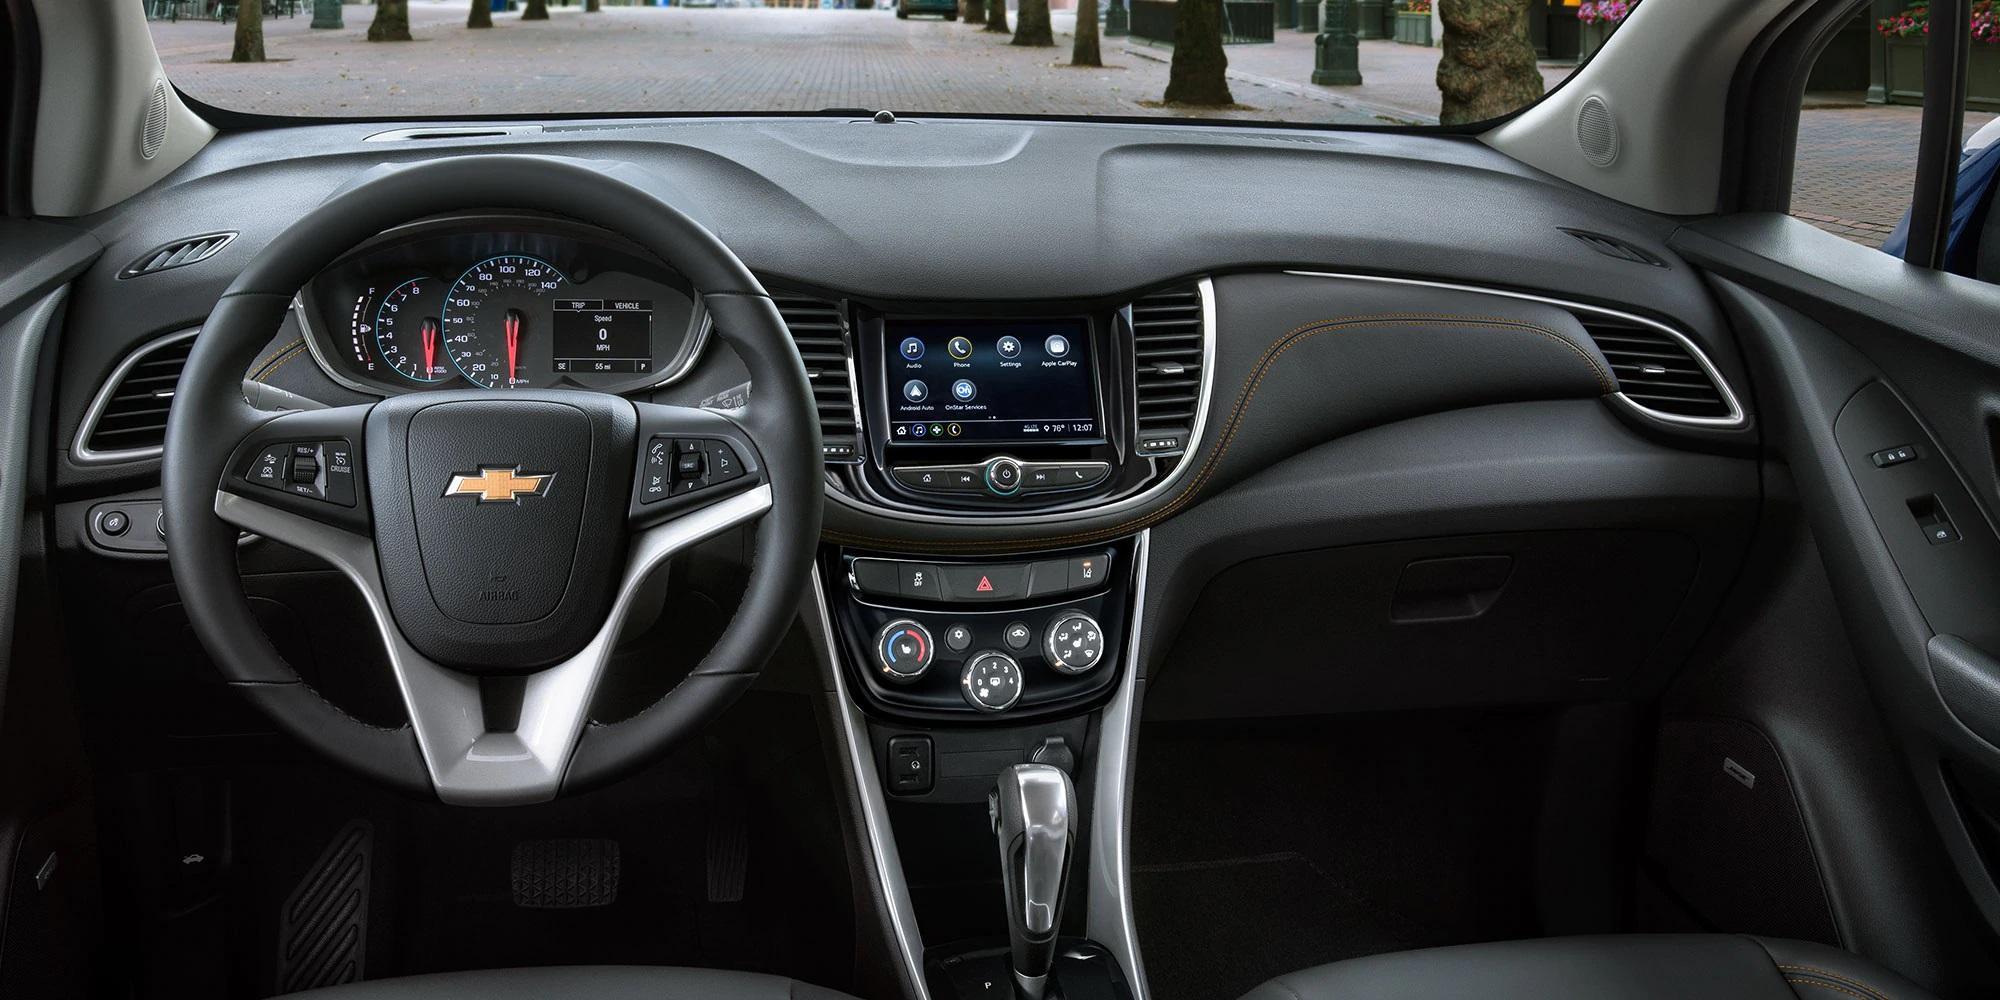 2020 Chevrolet Trax Dashboard